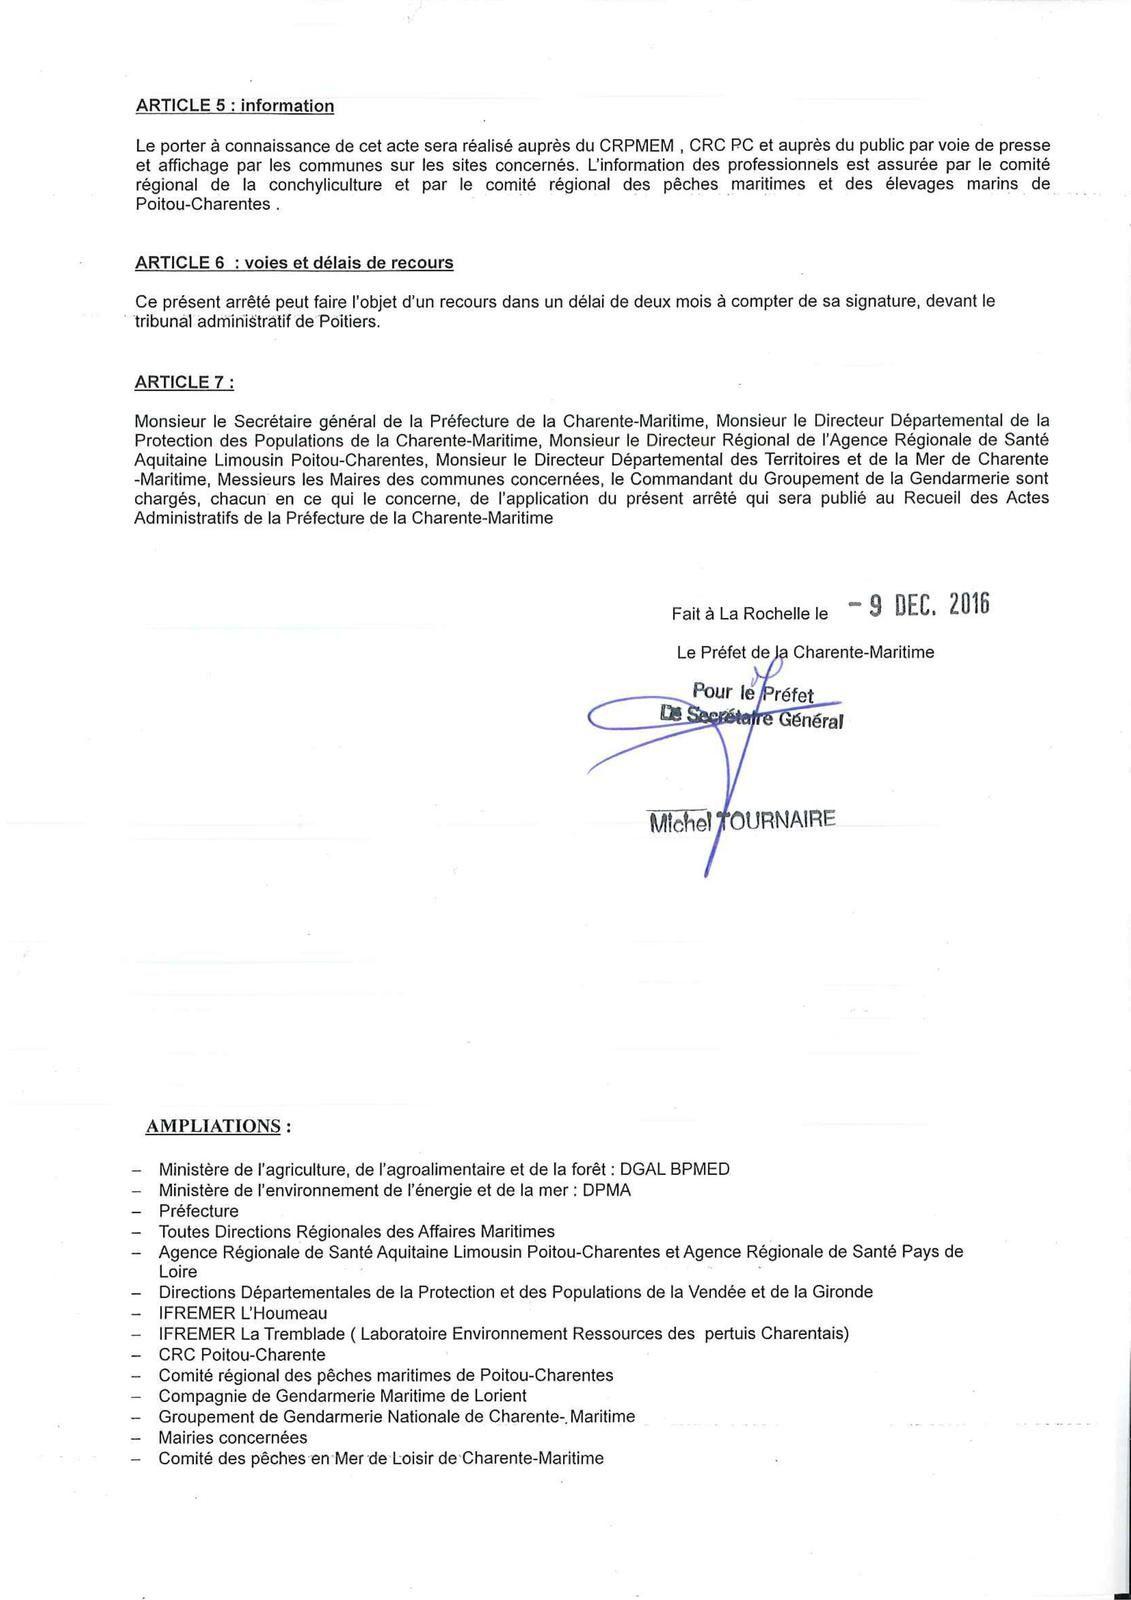 DDTM de la Charente Maritime: Arrêté préfectoral du 9 décembre 2016